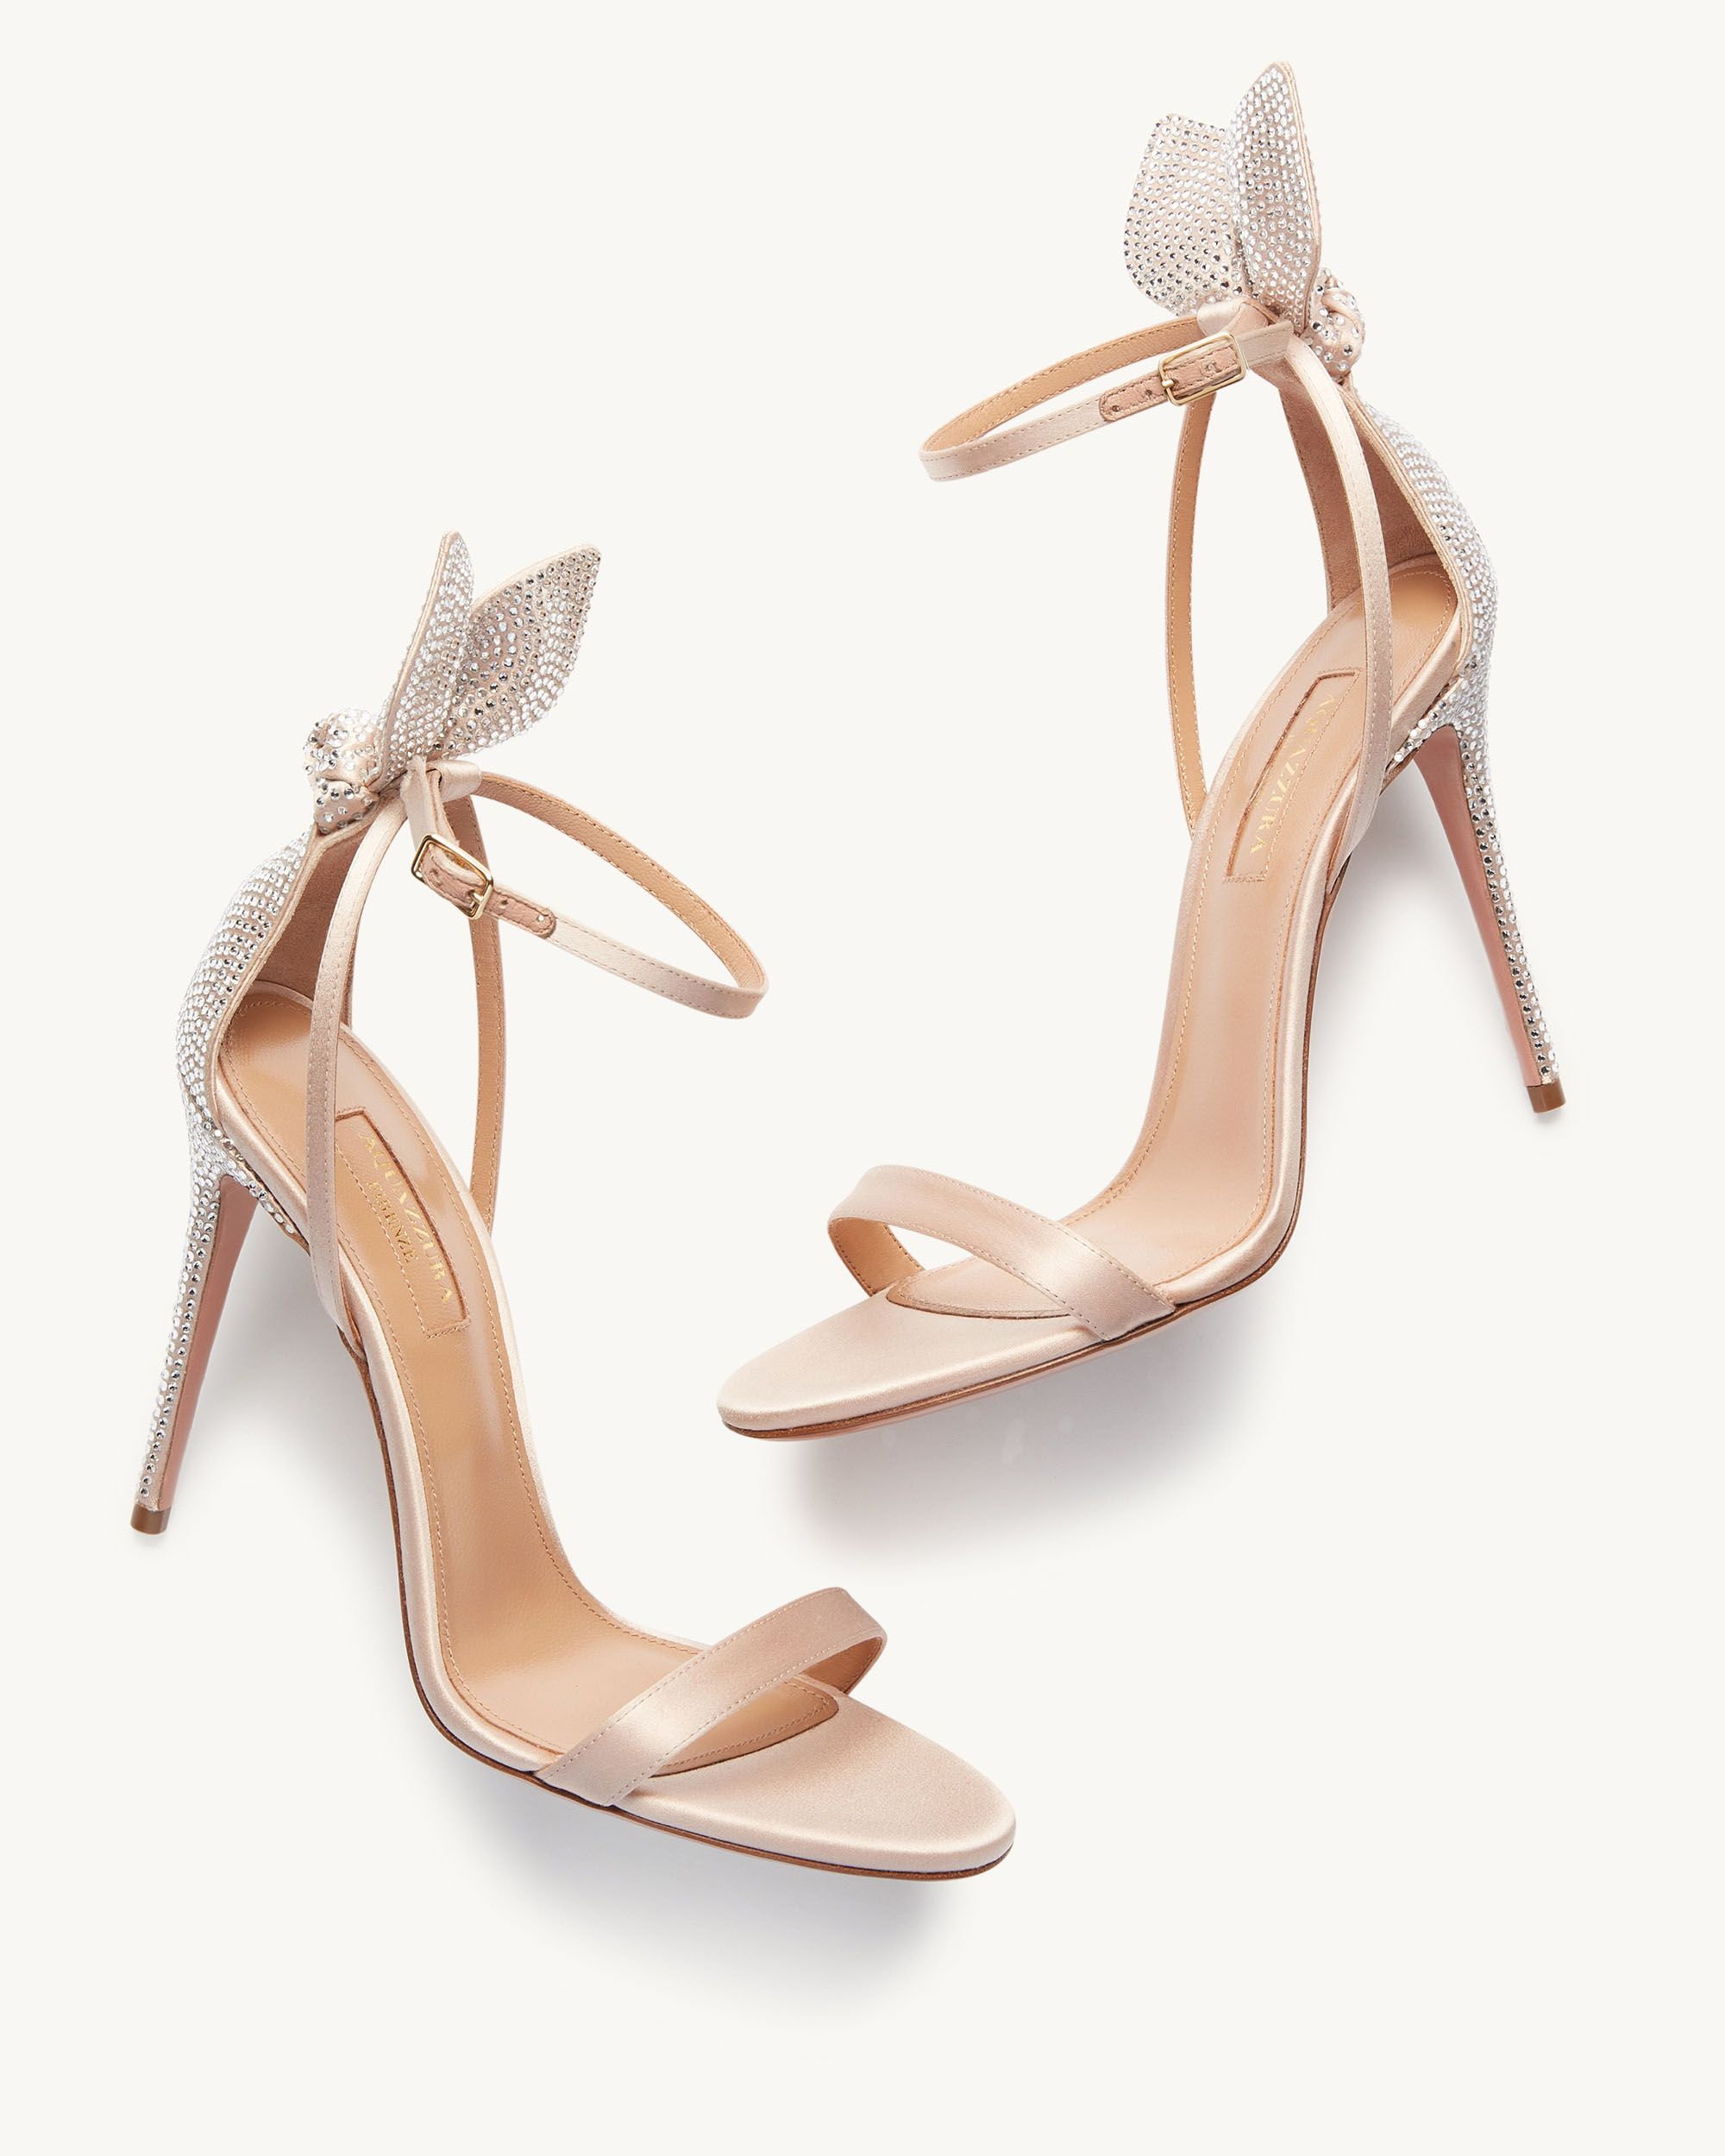 I sandali Bow Tie 105 sono realizzati in raso in una raffinata tonalità di colore rosa. Il modello, dalla fattura Made in Italy, è contraddistinto dal listino in punta, cinturino alla caviglia e tacco stiletto.